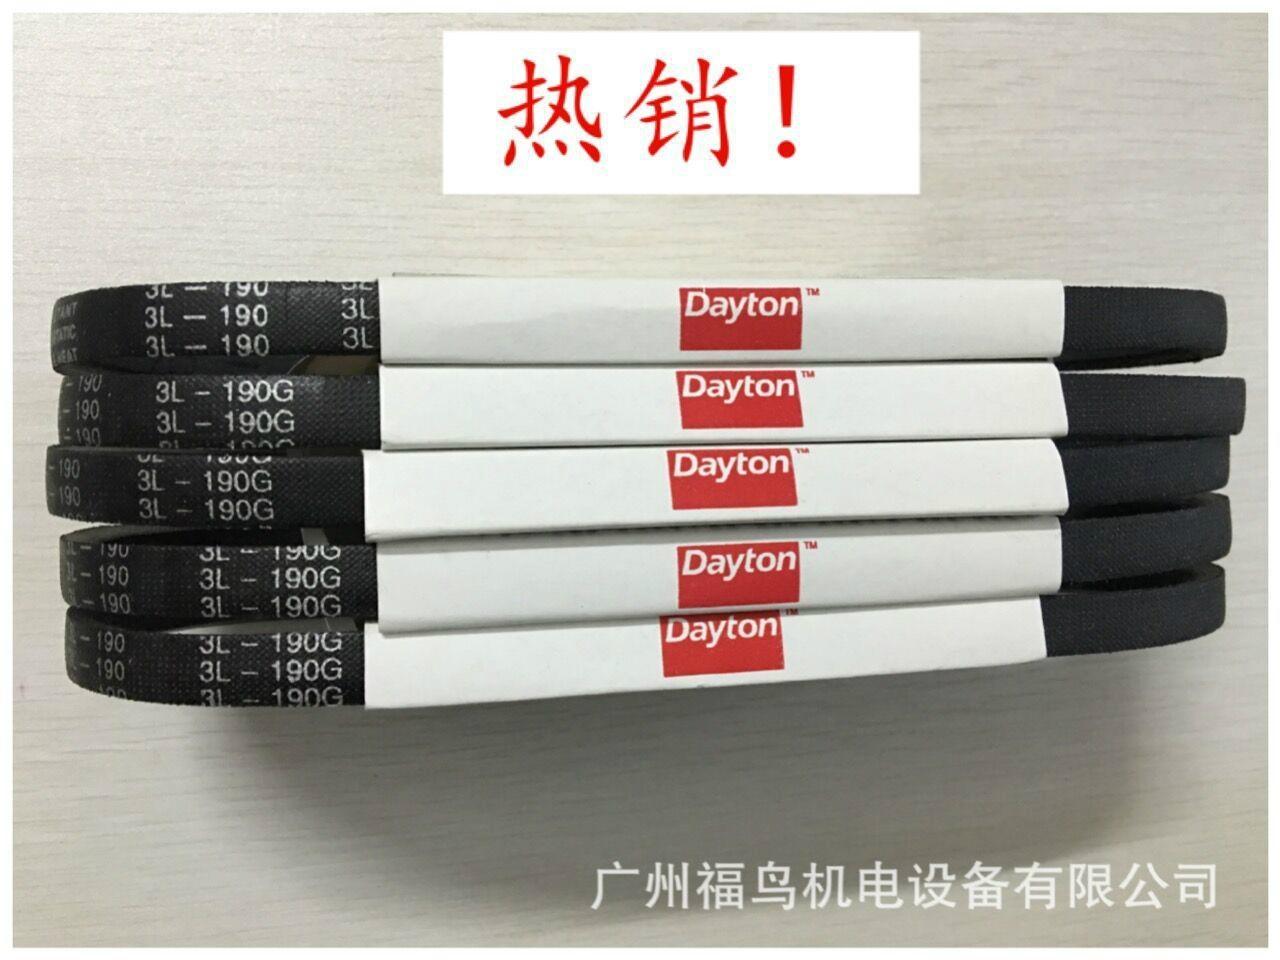 DAYTON皮带  型号: 3L190, 3L190G